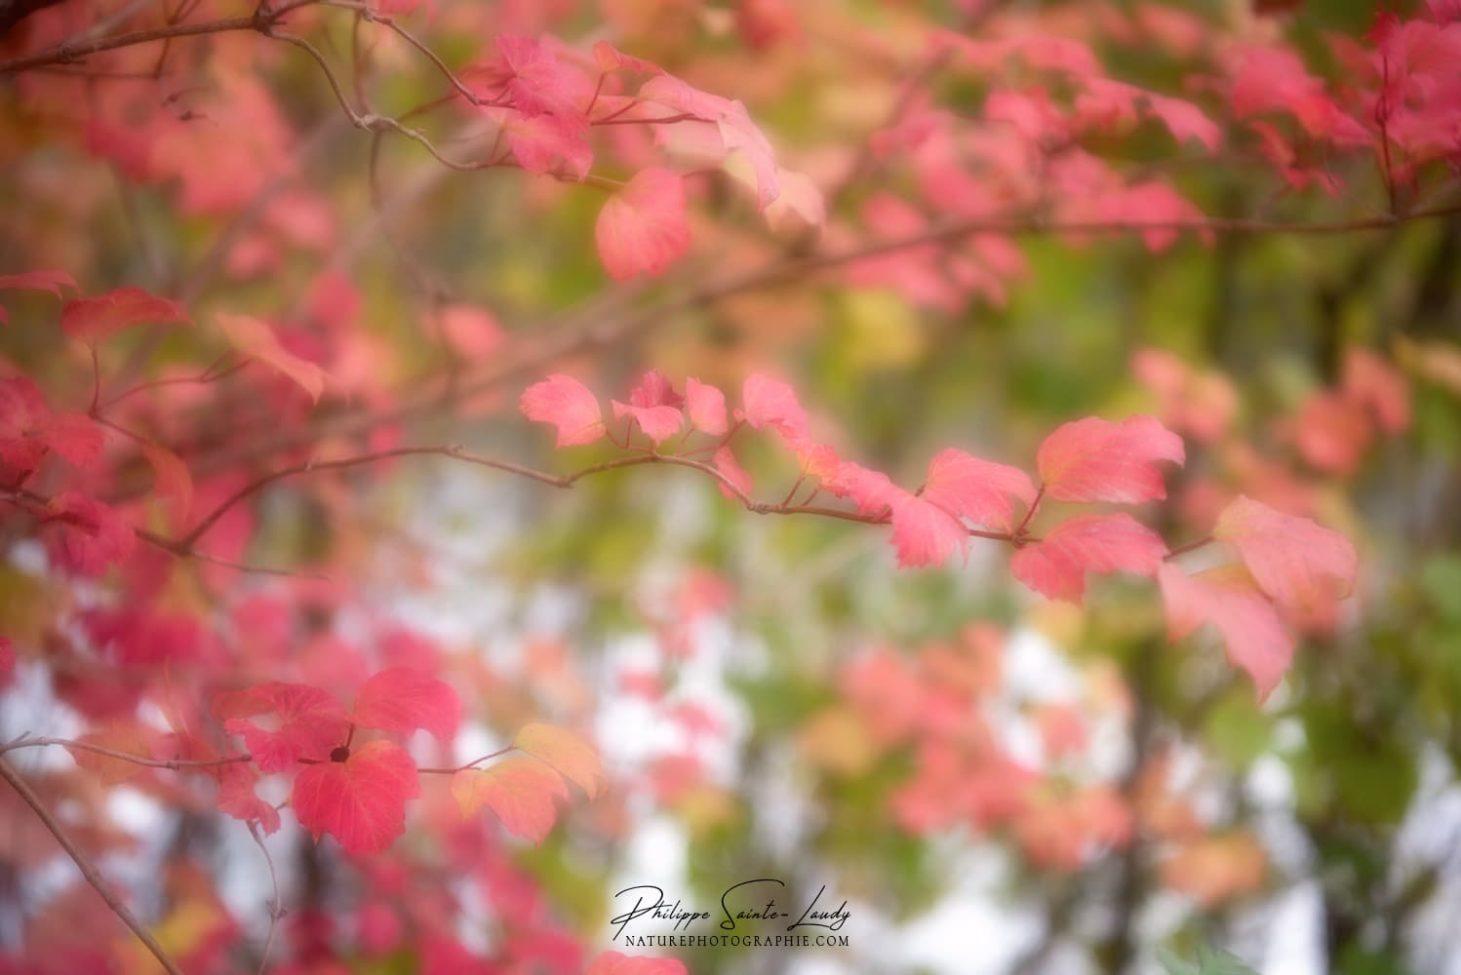 Feuilles roses sur un arbre en automne